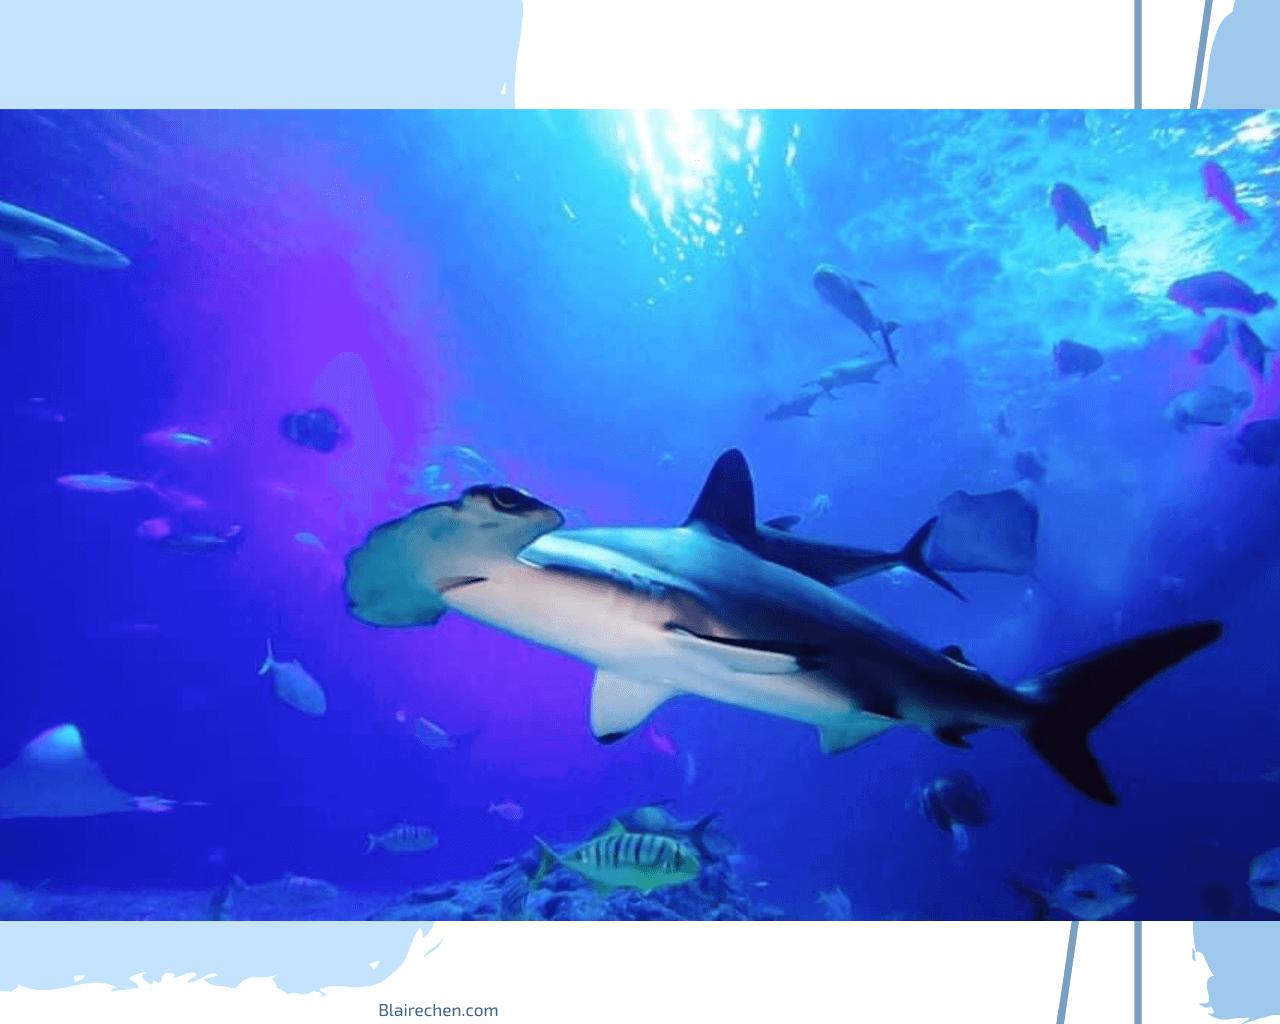 【屏東旅遊推薦】 色票控請注意!屏東海生館,帶你進入夢幻海洋色系,還有企鵝的餵食體驗、一起夜宿海生館!